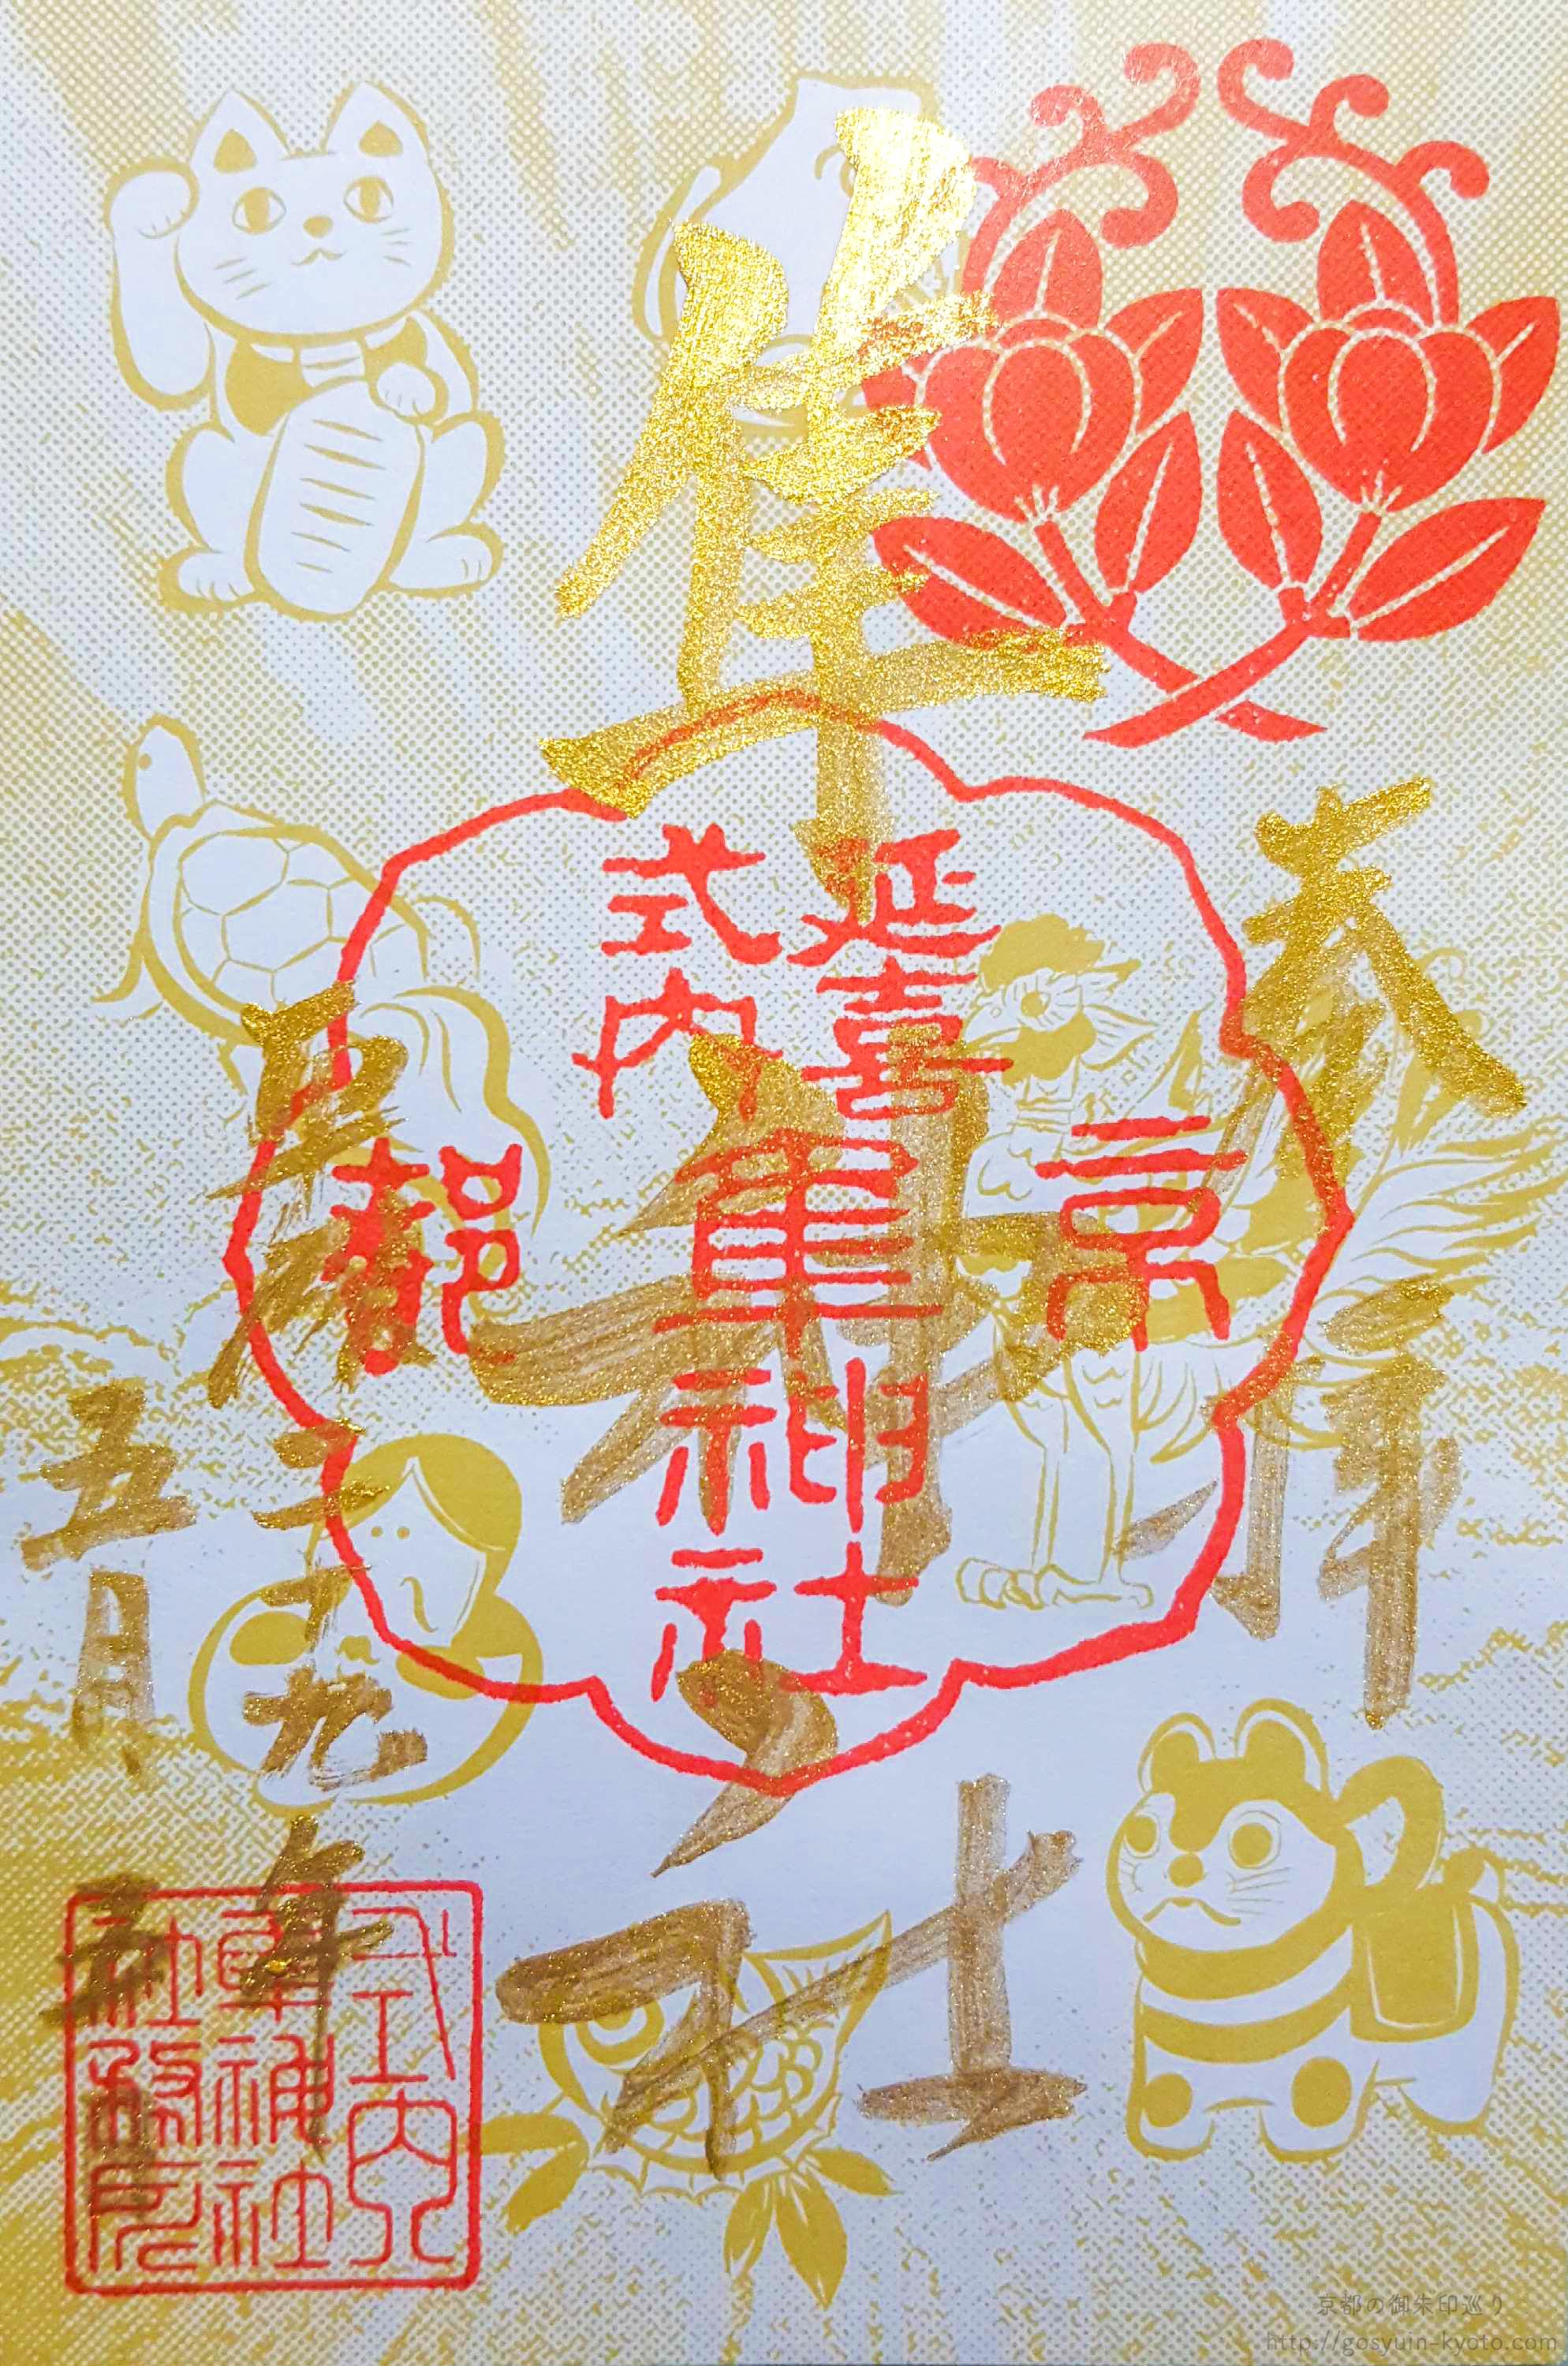 隼神社の神幸祭限定の御朱印